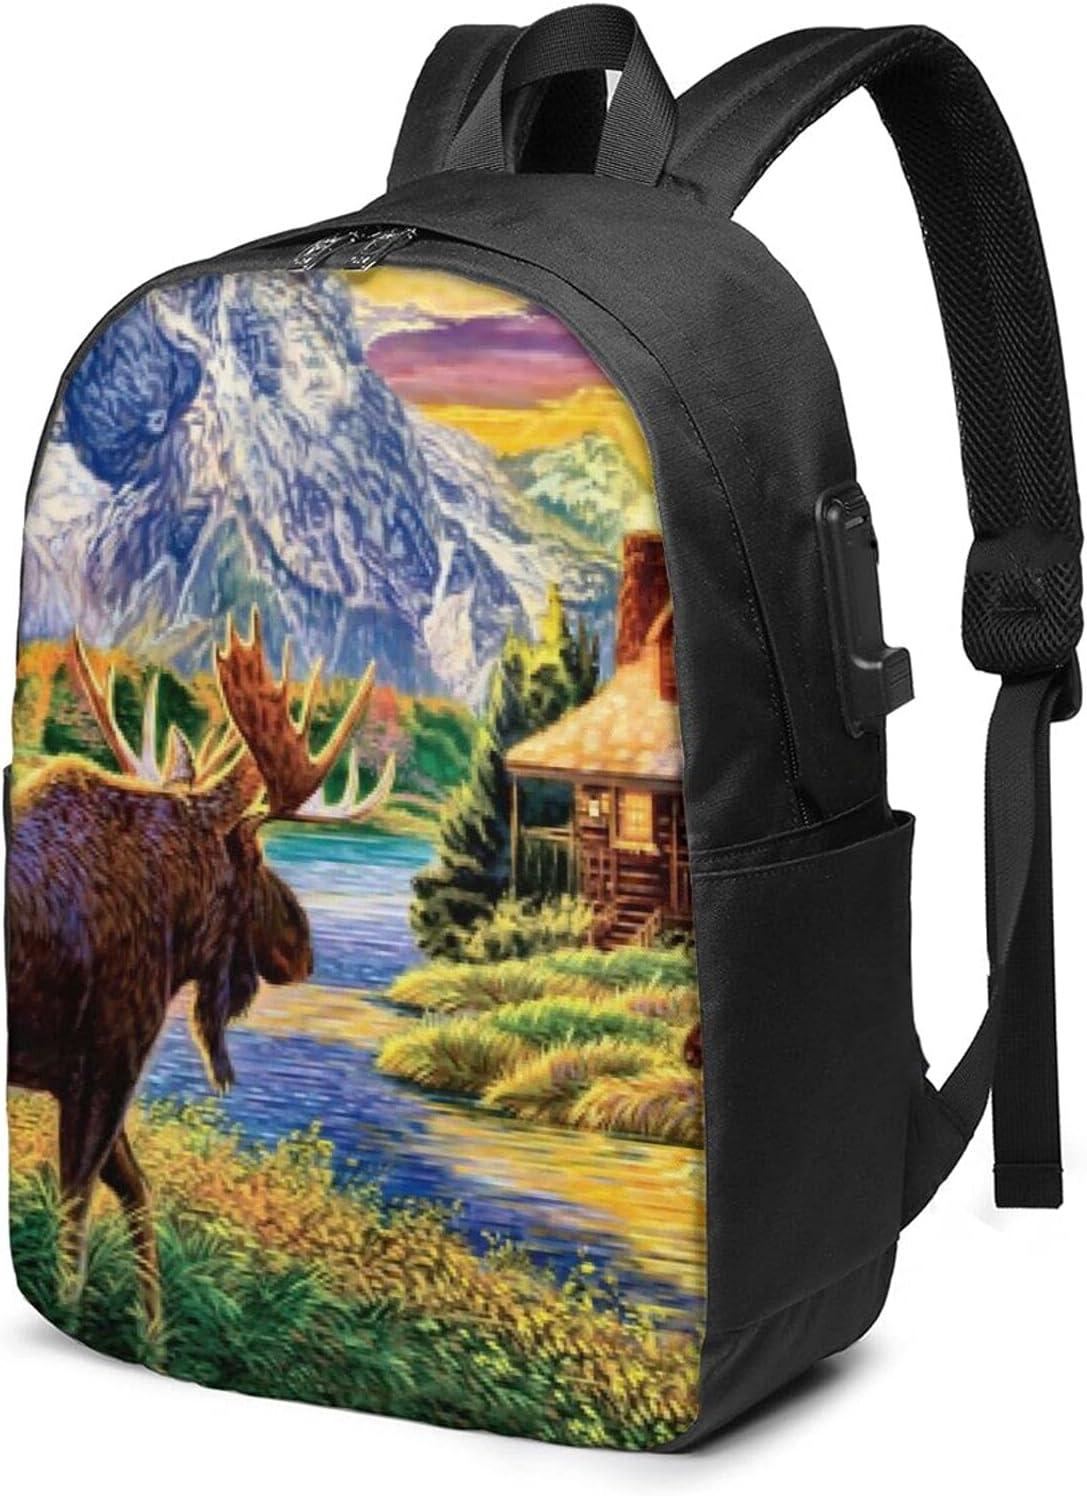 Free Selling rankings Moose Max 43% OFF Travel Laptop Backpack College Waterproof Purse Schoo